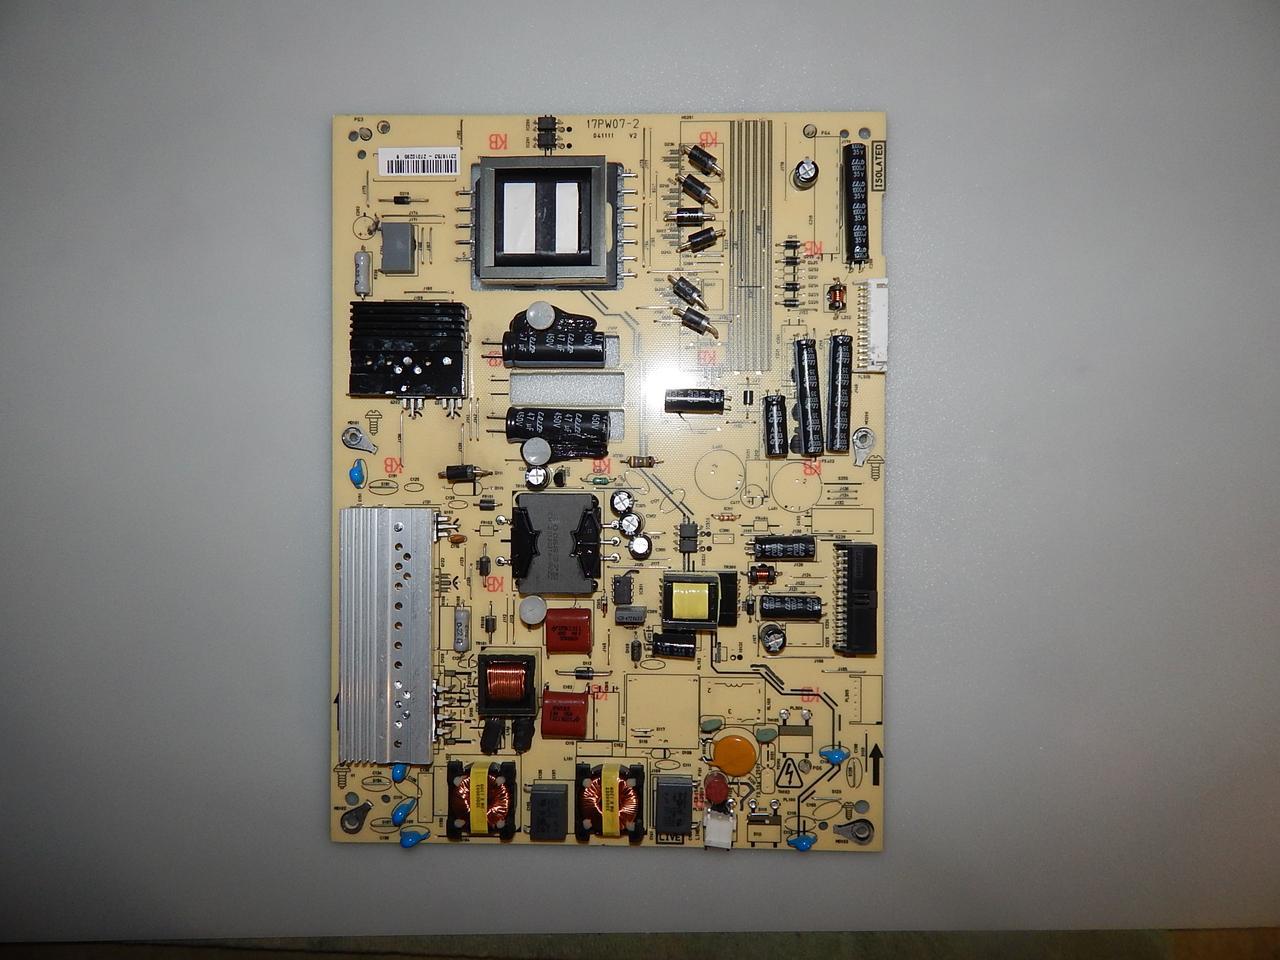 Блок питание 17PW07-2 к телевизору TELEFUNKEN  T32R970LED